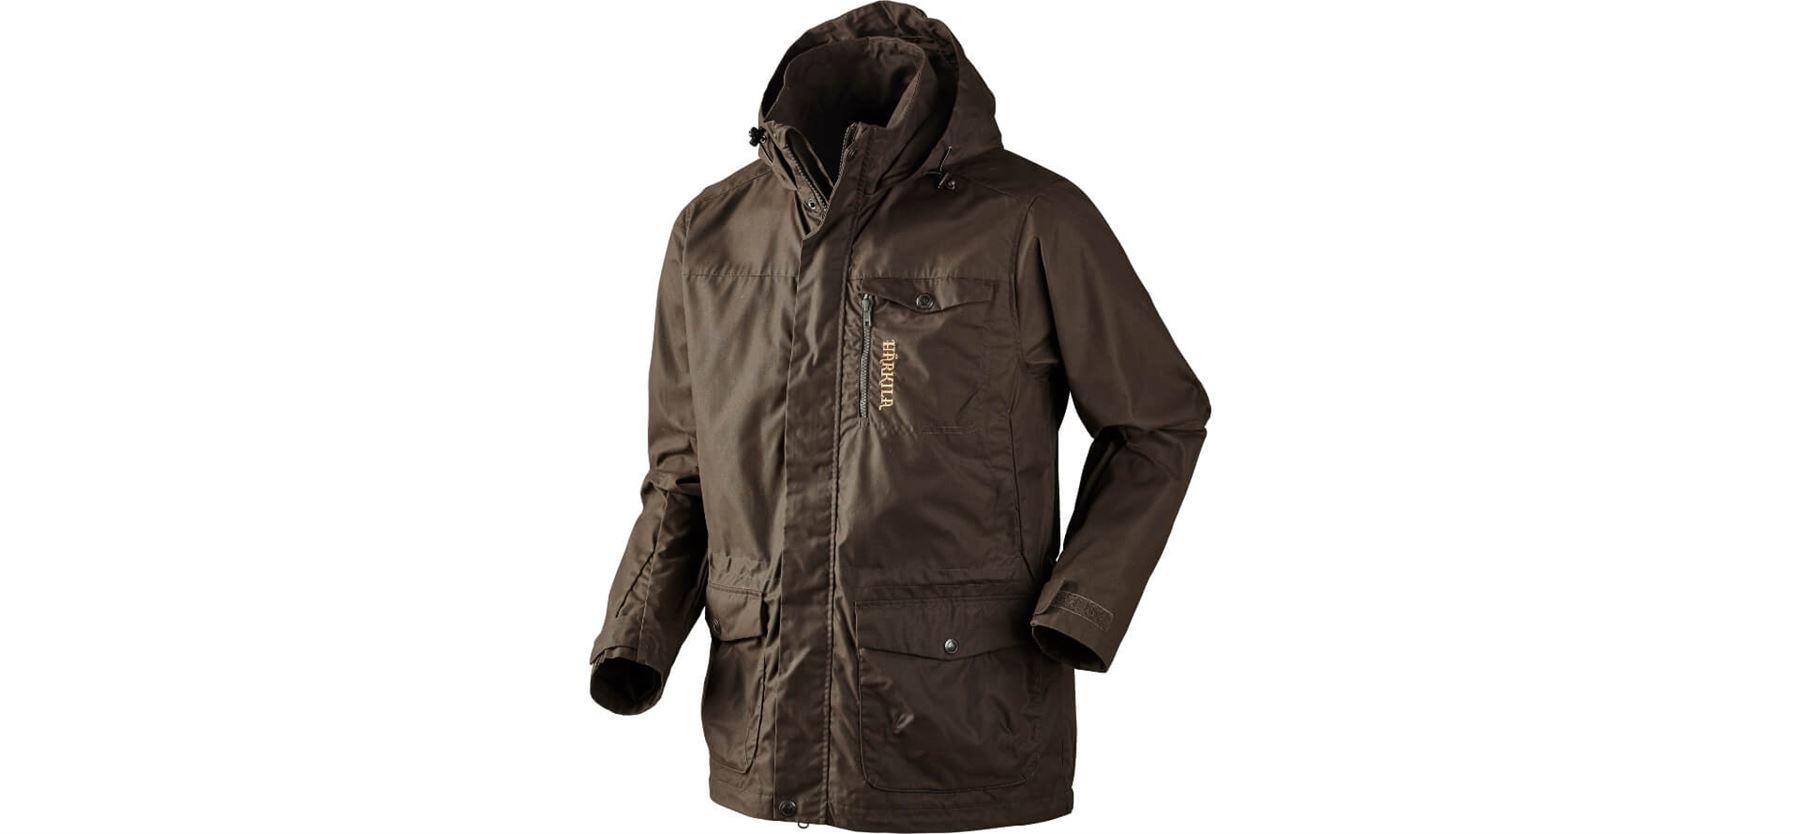 S M L XL XXL JACK /& JONES Winter Woll Mantel Great Wool Jacket JKT Gr